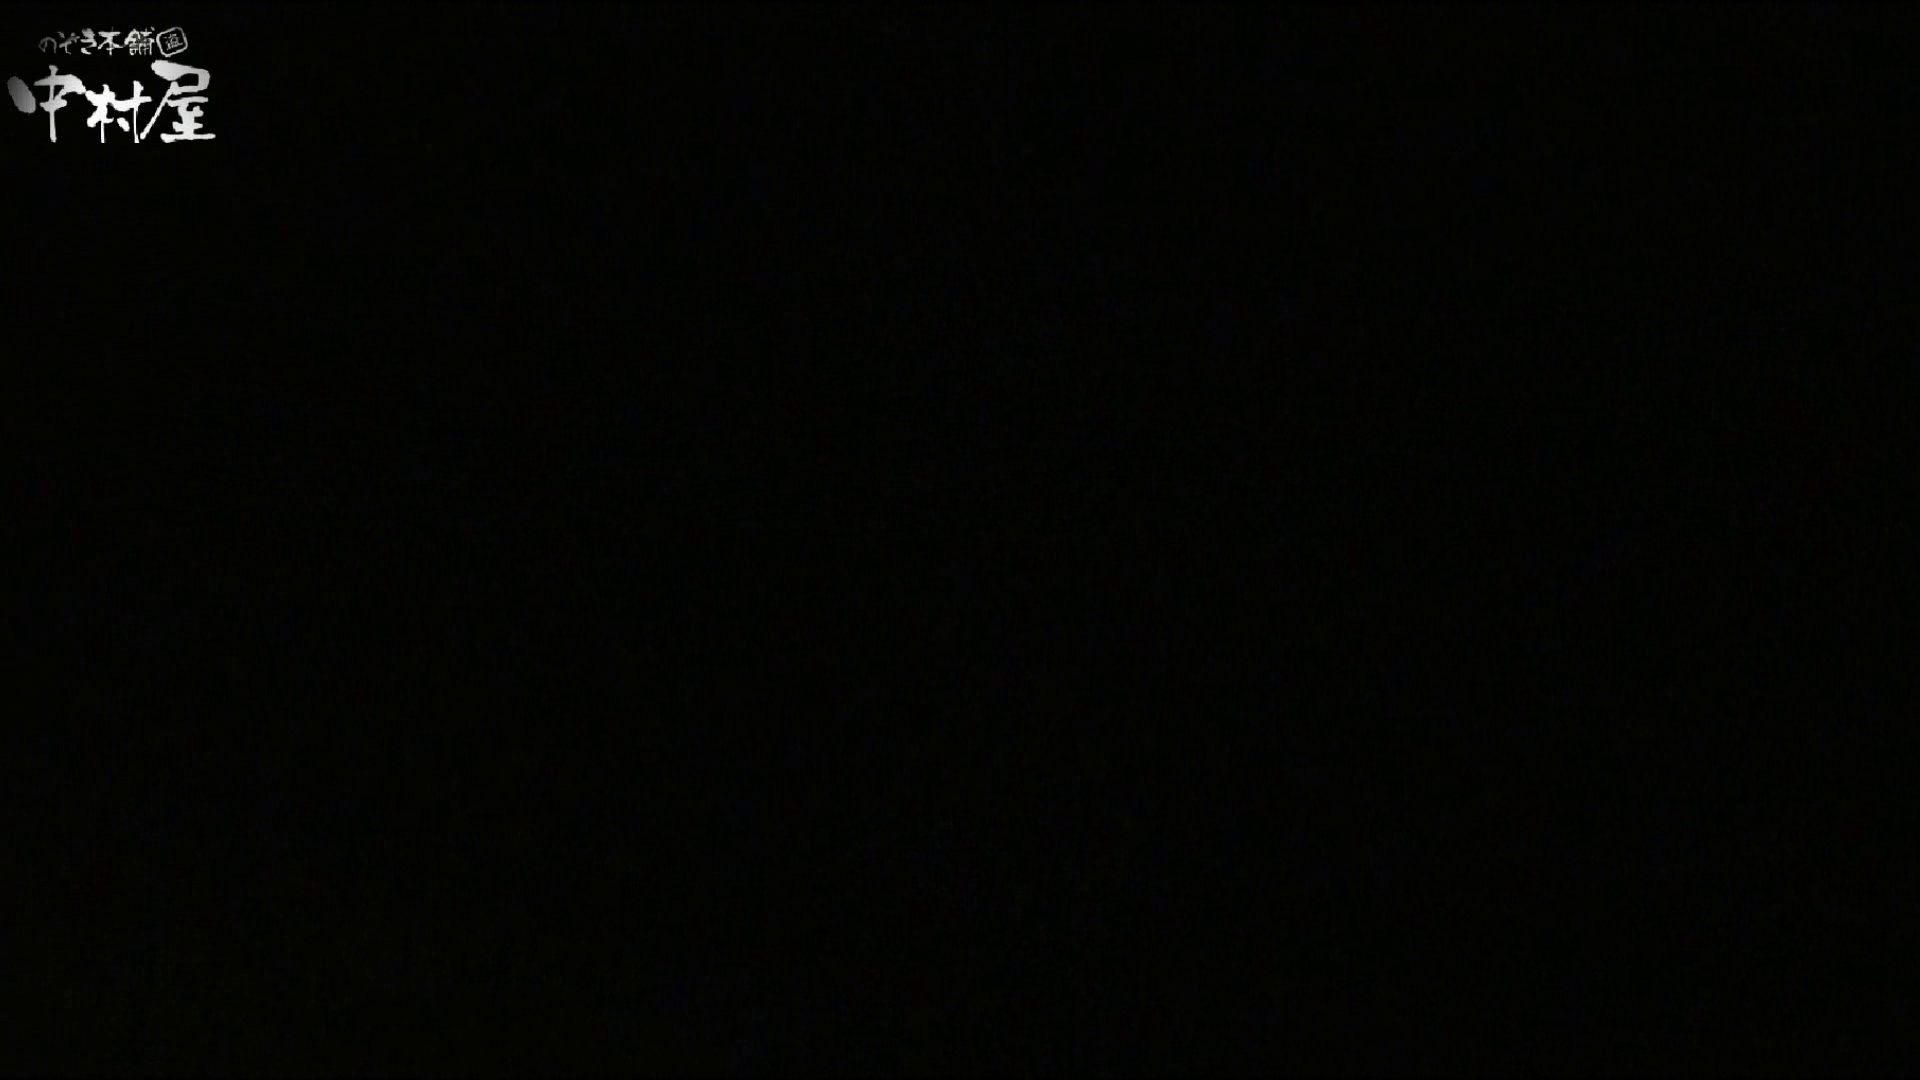 民家風呂専門盗撮師の超危険映像 vol.030 お色気美女 オメコ無修正動画無料 71枚 40